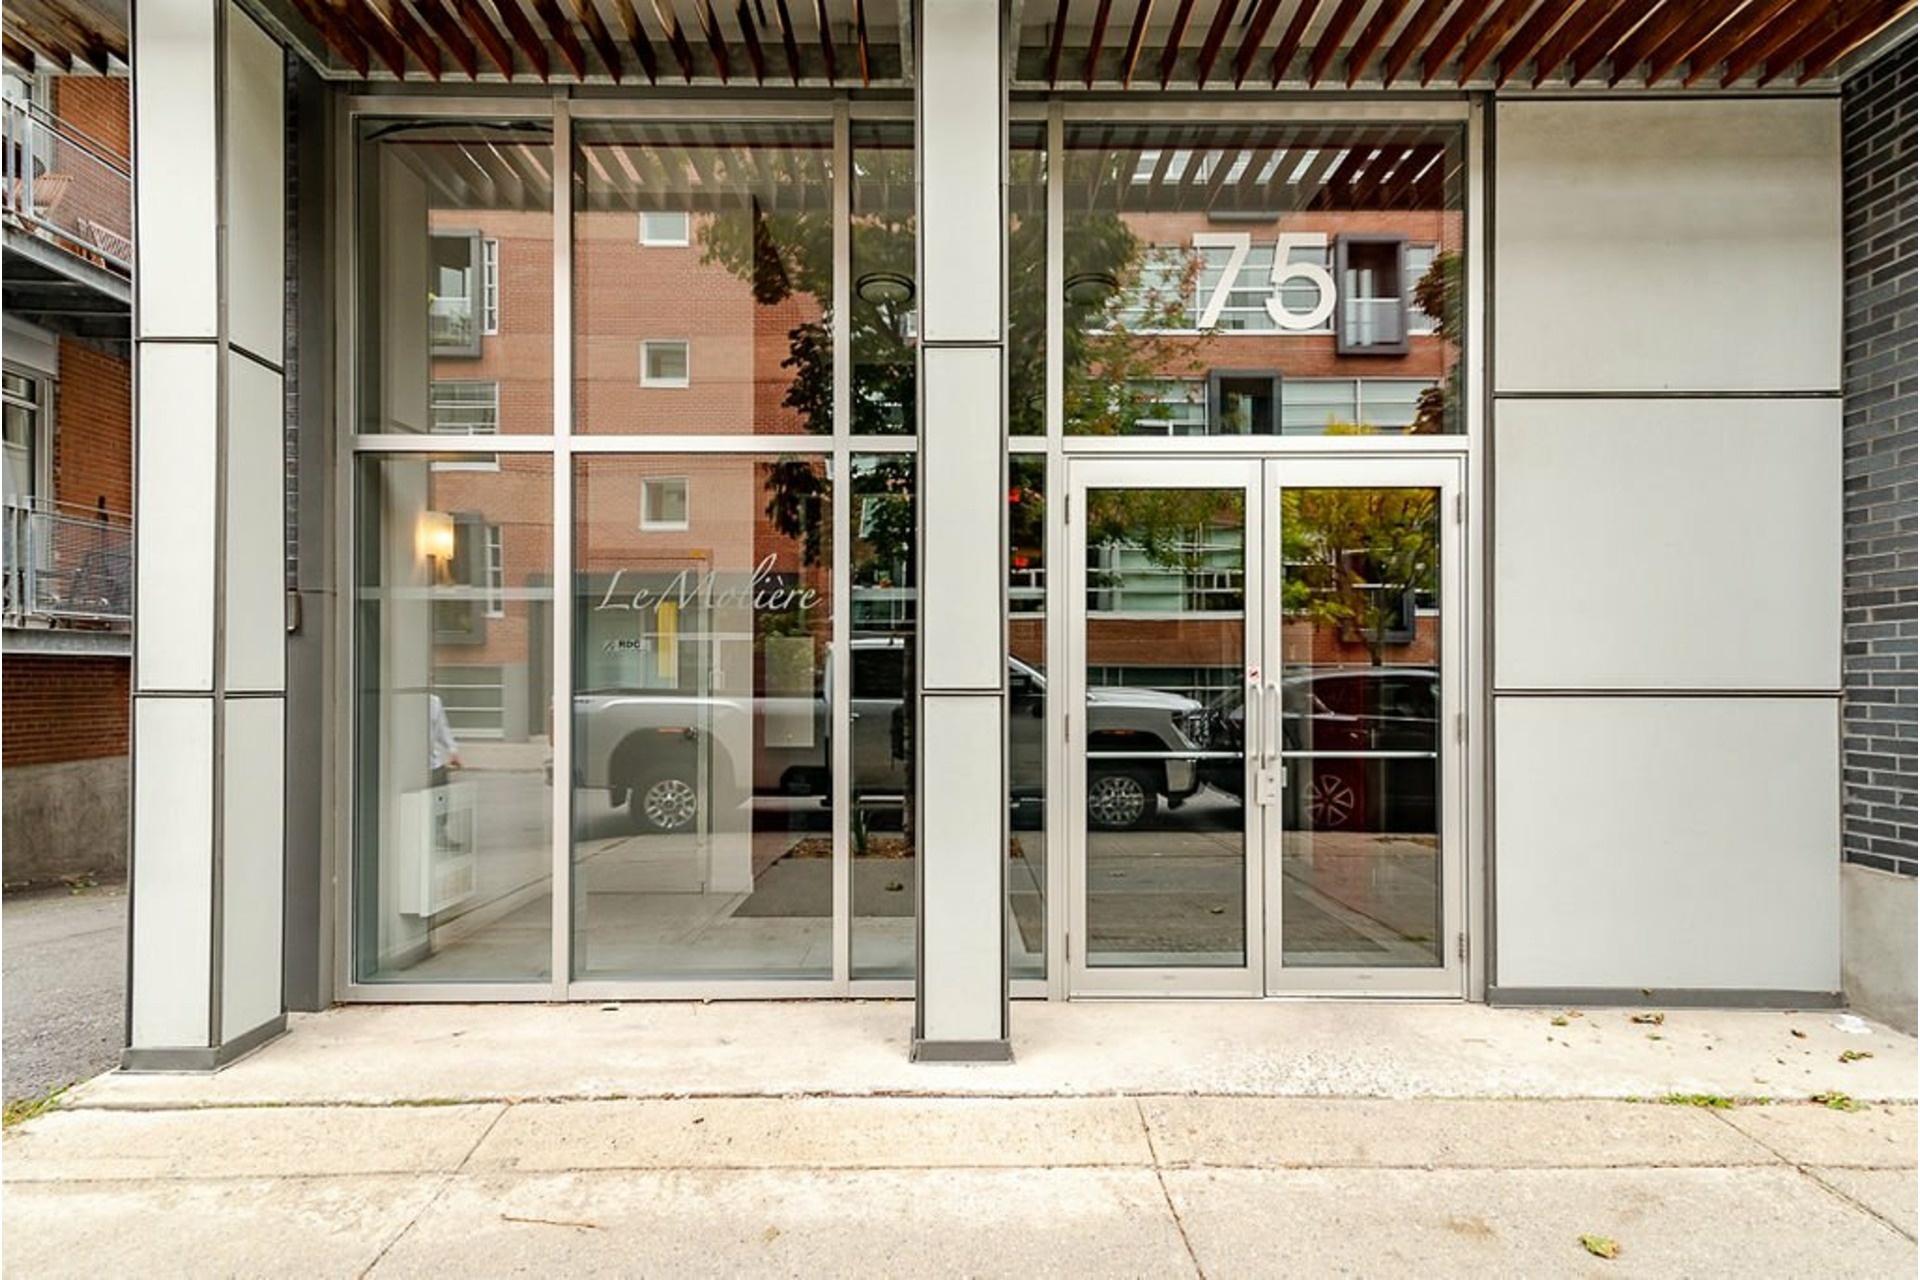 image 35 - Appartement À vendre Villeray/Saint-Michel/Parc-Extension Montréal  - 6 pièces